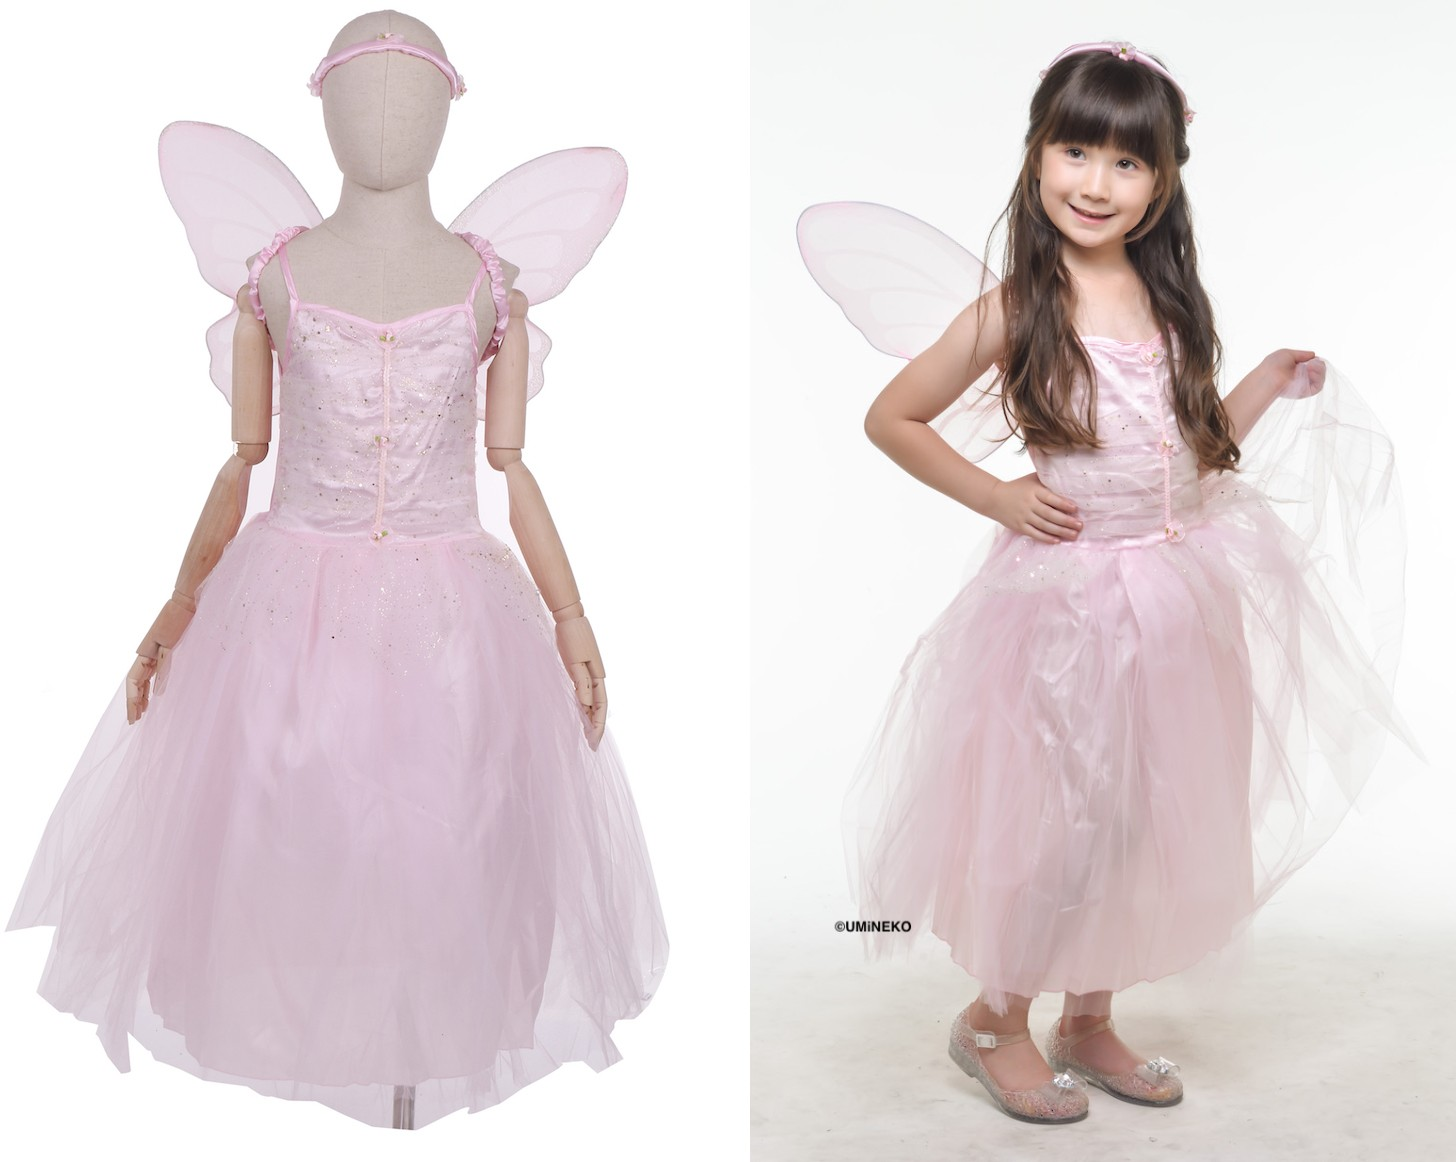 ハロウィン 衣装 コスチューム コスプレ 仮装 女の子 子ども 子供 キッズ 小学生 保育園 かわいい お手軽 フェアリー ちょうちょ 蝶 蝶々エルフ 妖精ドレス 3点セット かわいい ふんわりシルエット 110 120cm ピンク